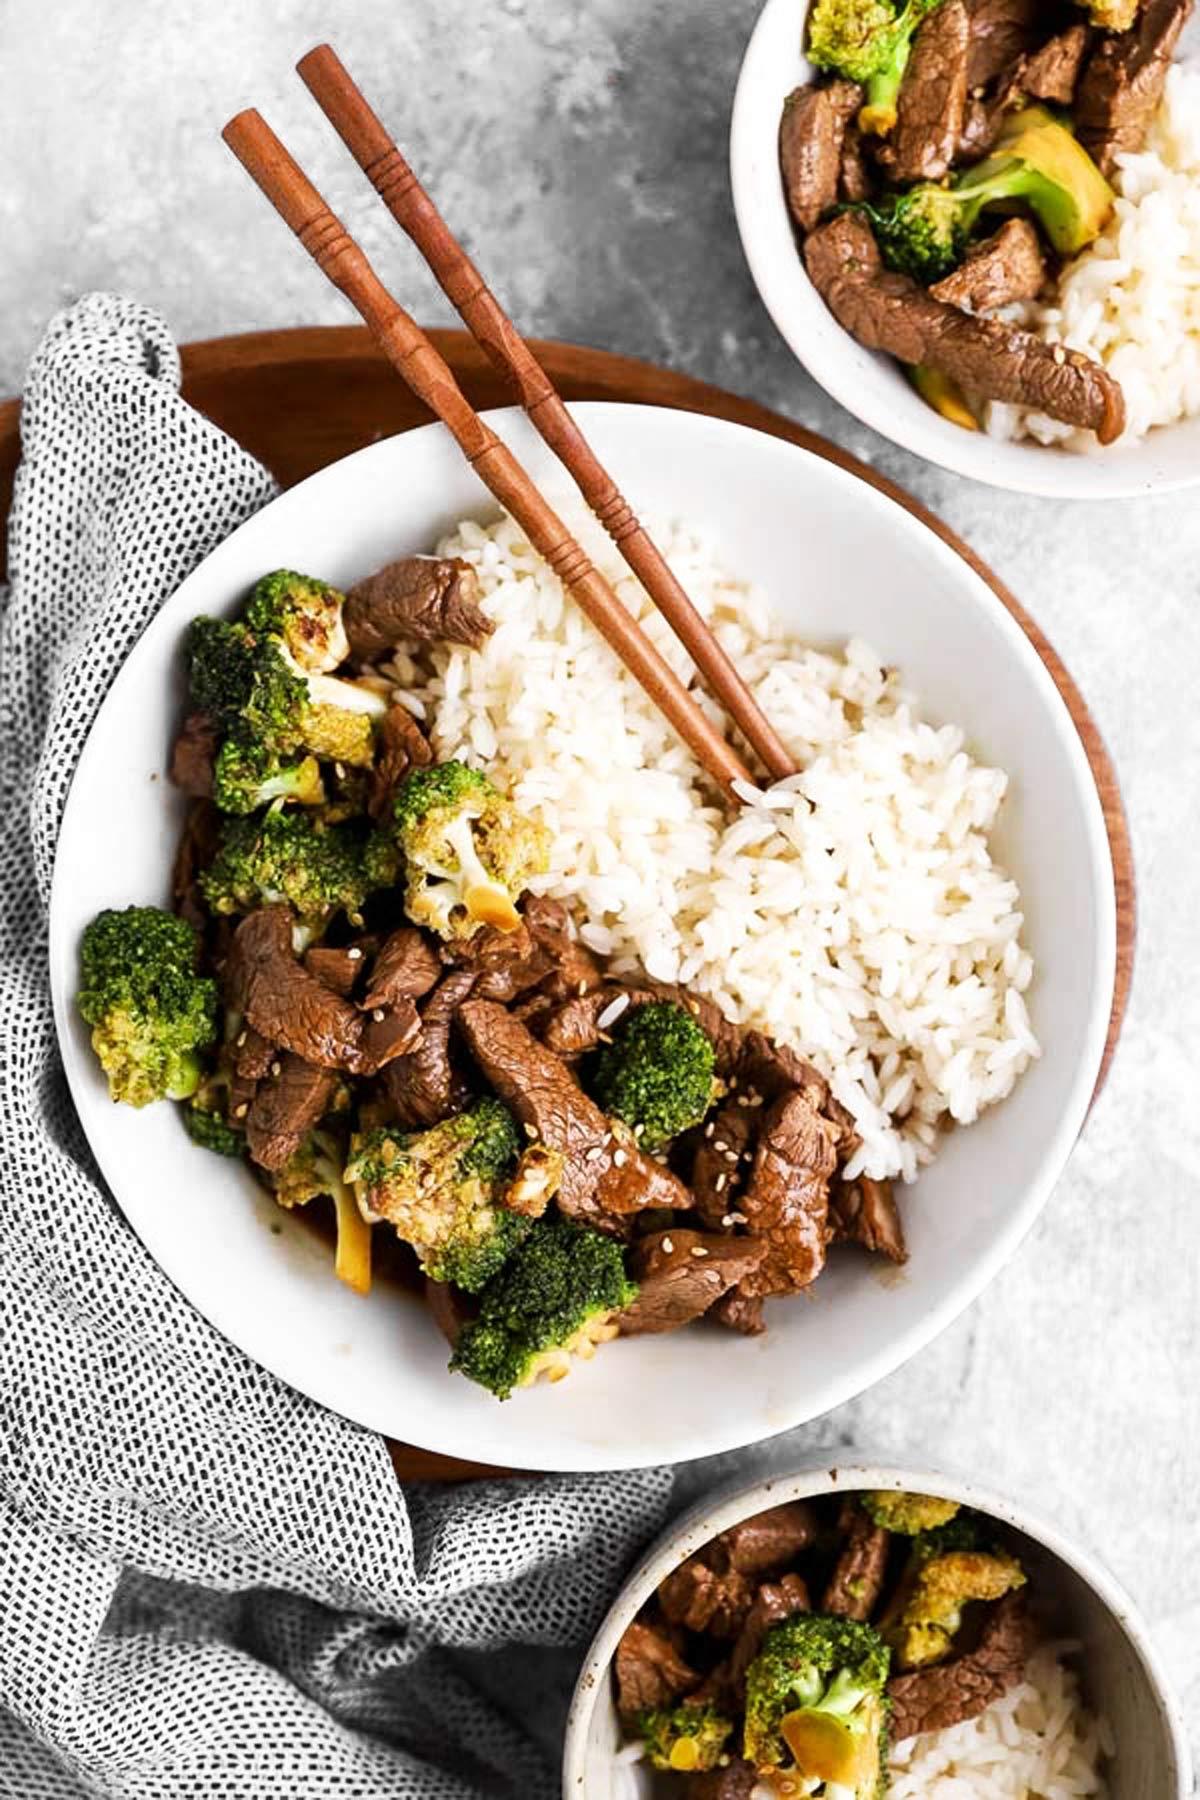 drei Teller mit Rindergeschnetzeltem, Brokkoli und Reis von Oben